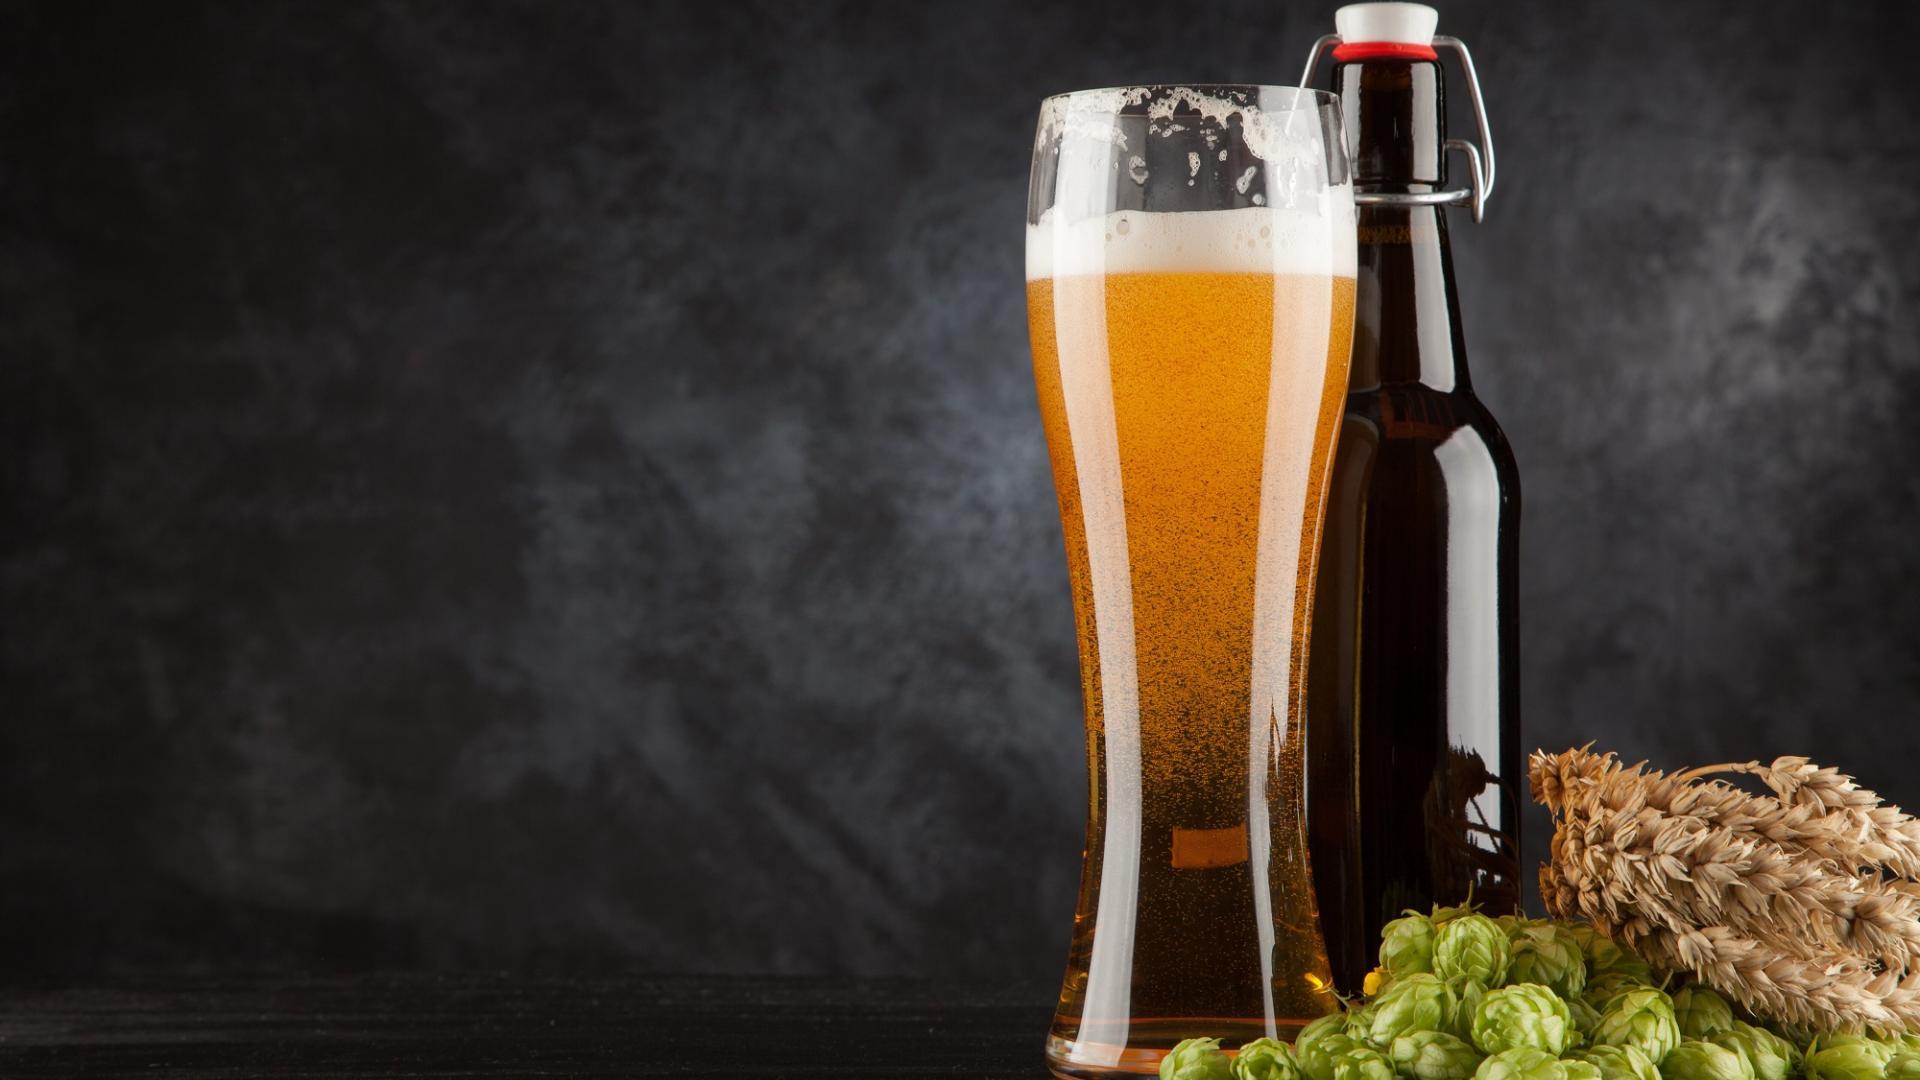 Bier Hefe Getreide